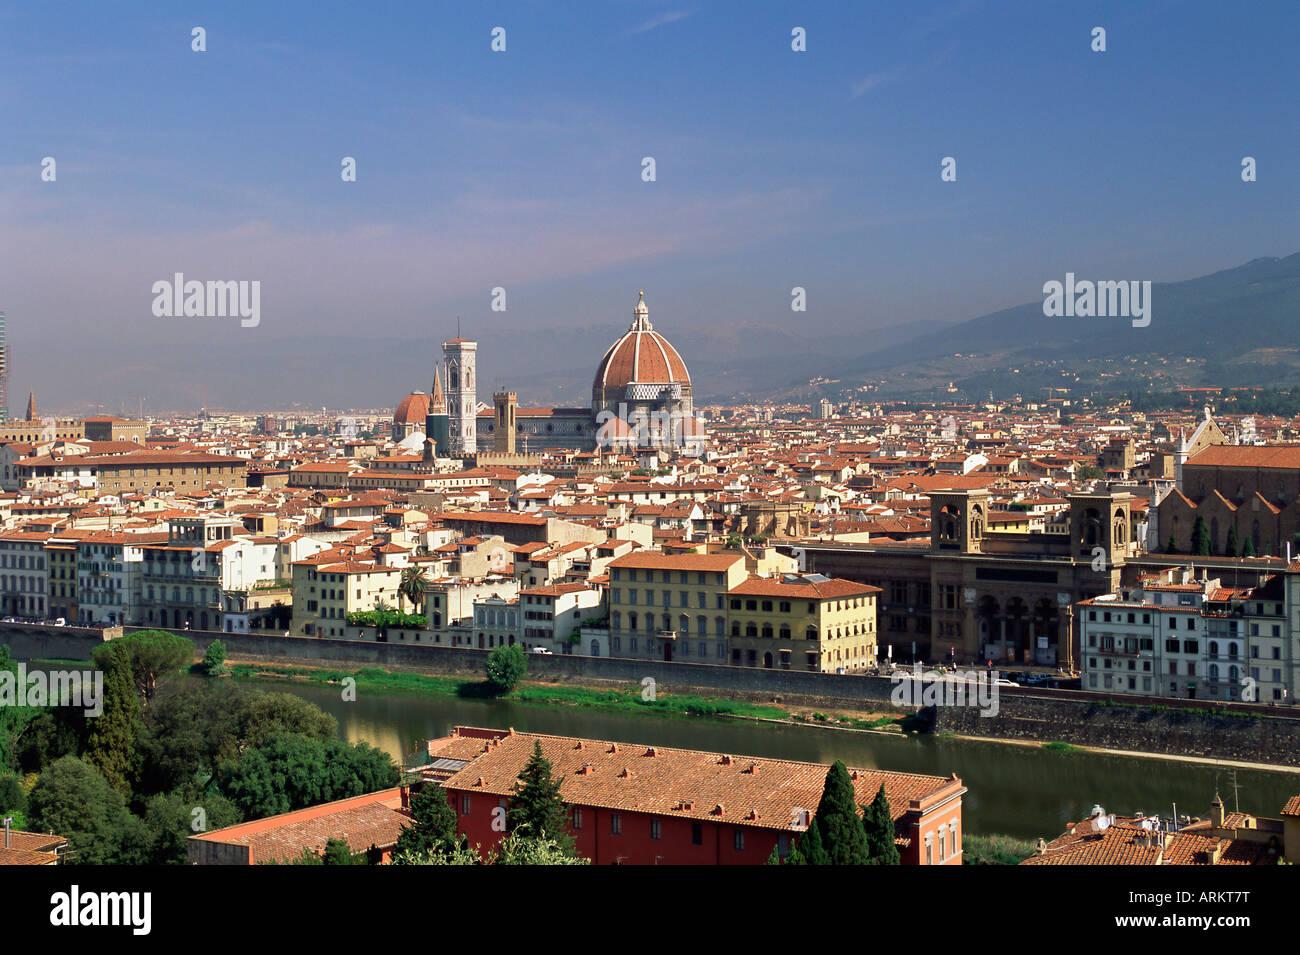 Vue sur les toits de la ville, Florence, Toscane, Italie, Europe Photo Stock